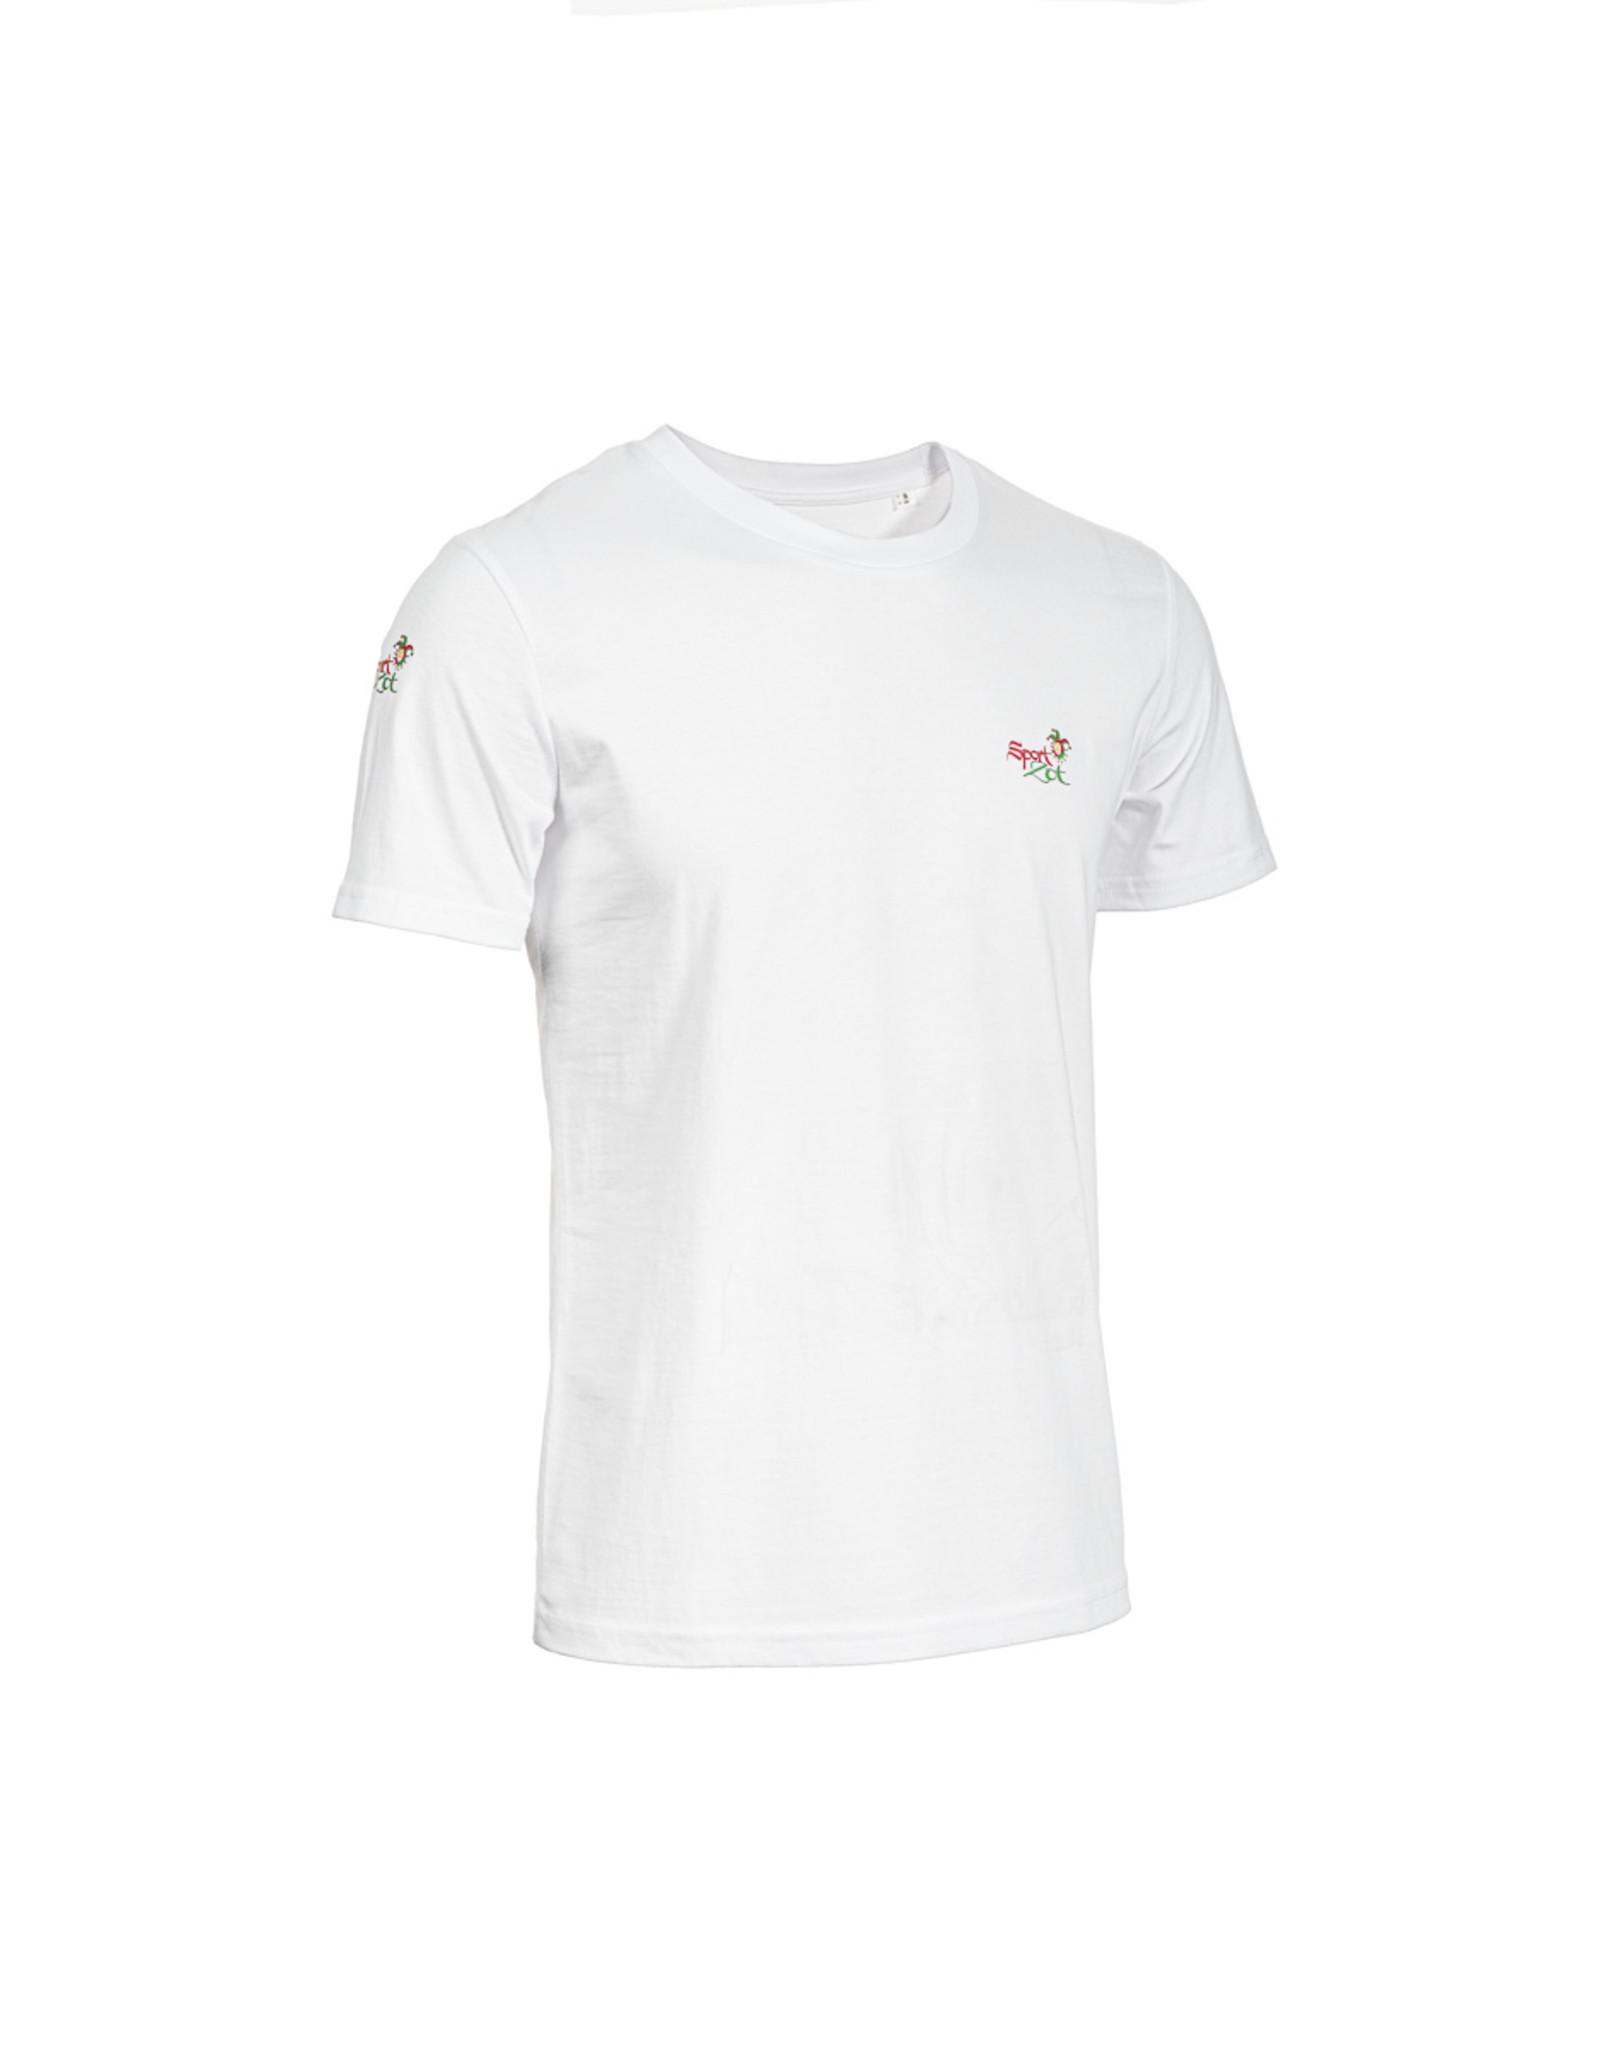 Sport Zot T-shirt